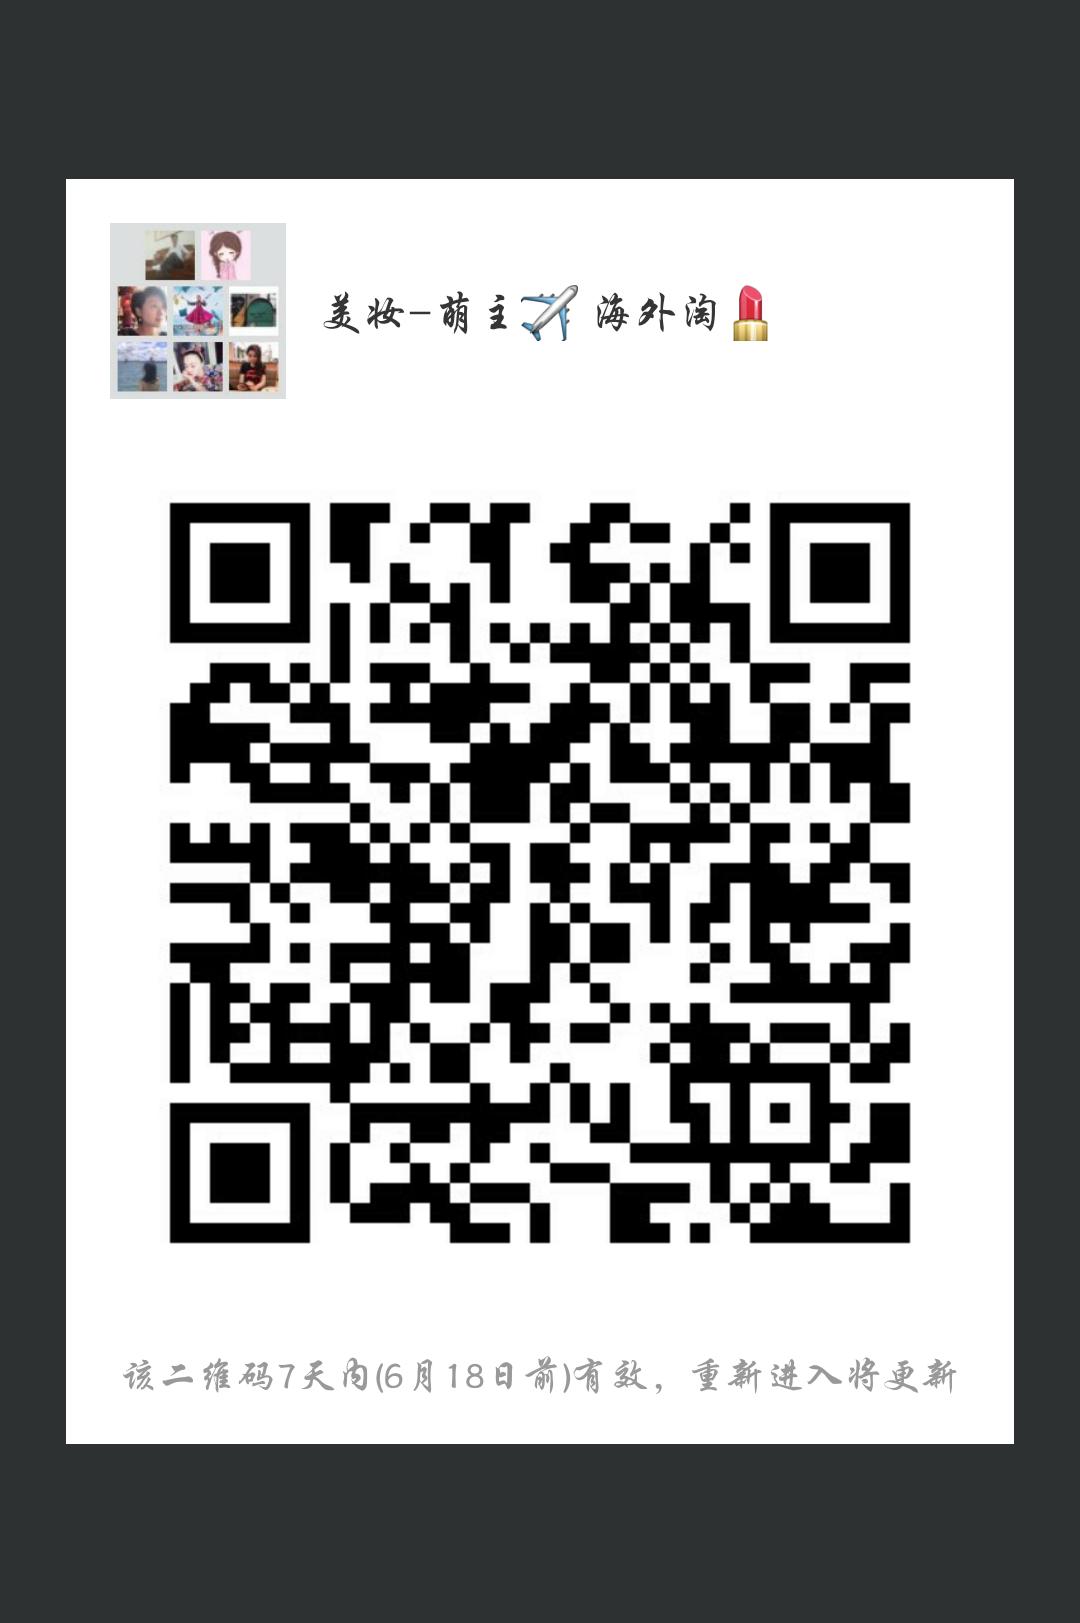 微信图片_20180611155759.png